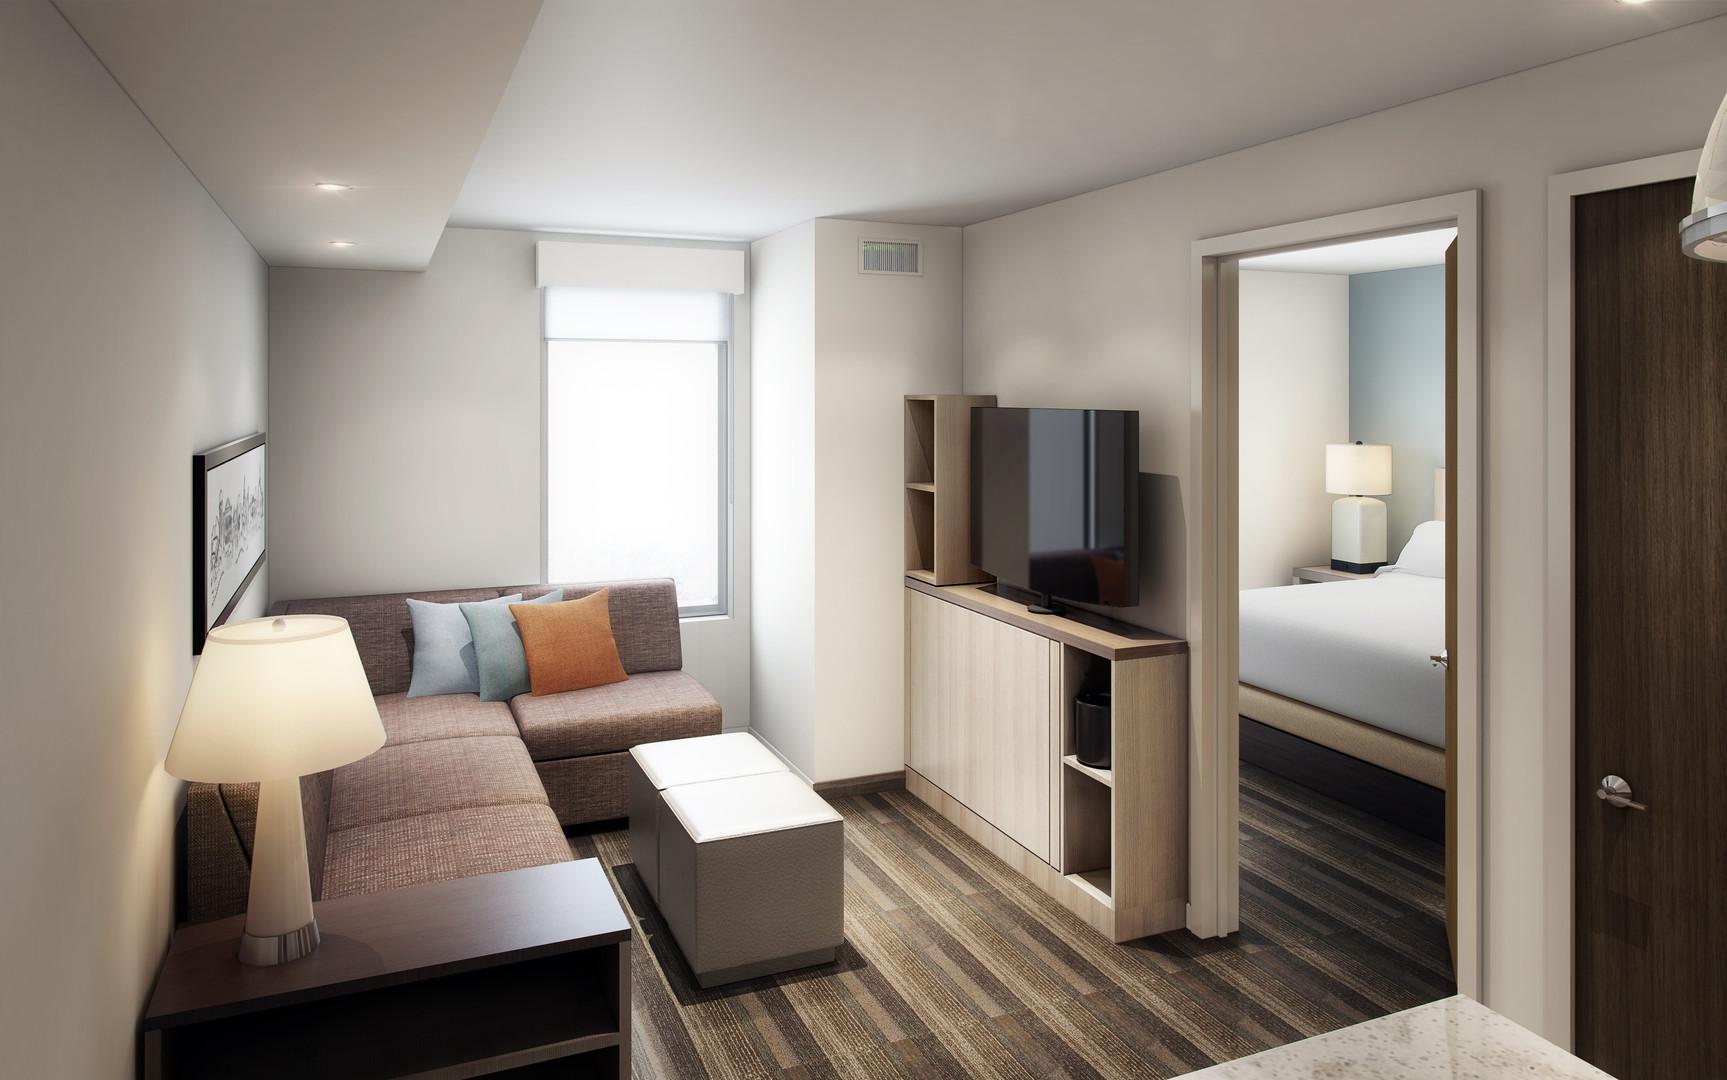 Hyatt House King One Bedroom.jpg